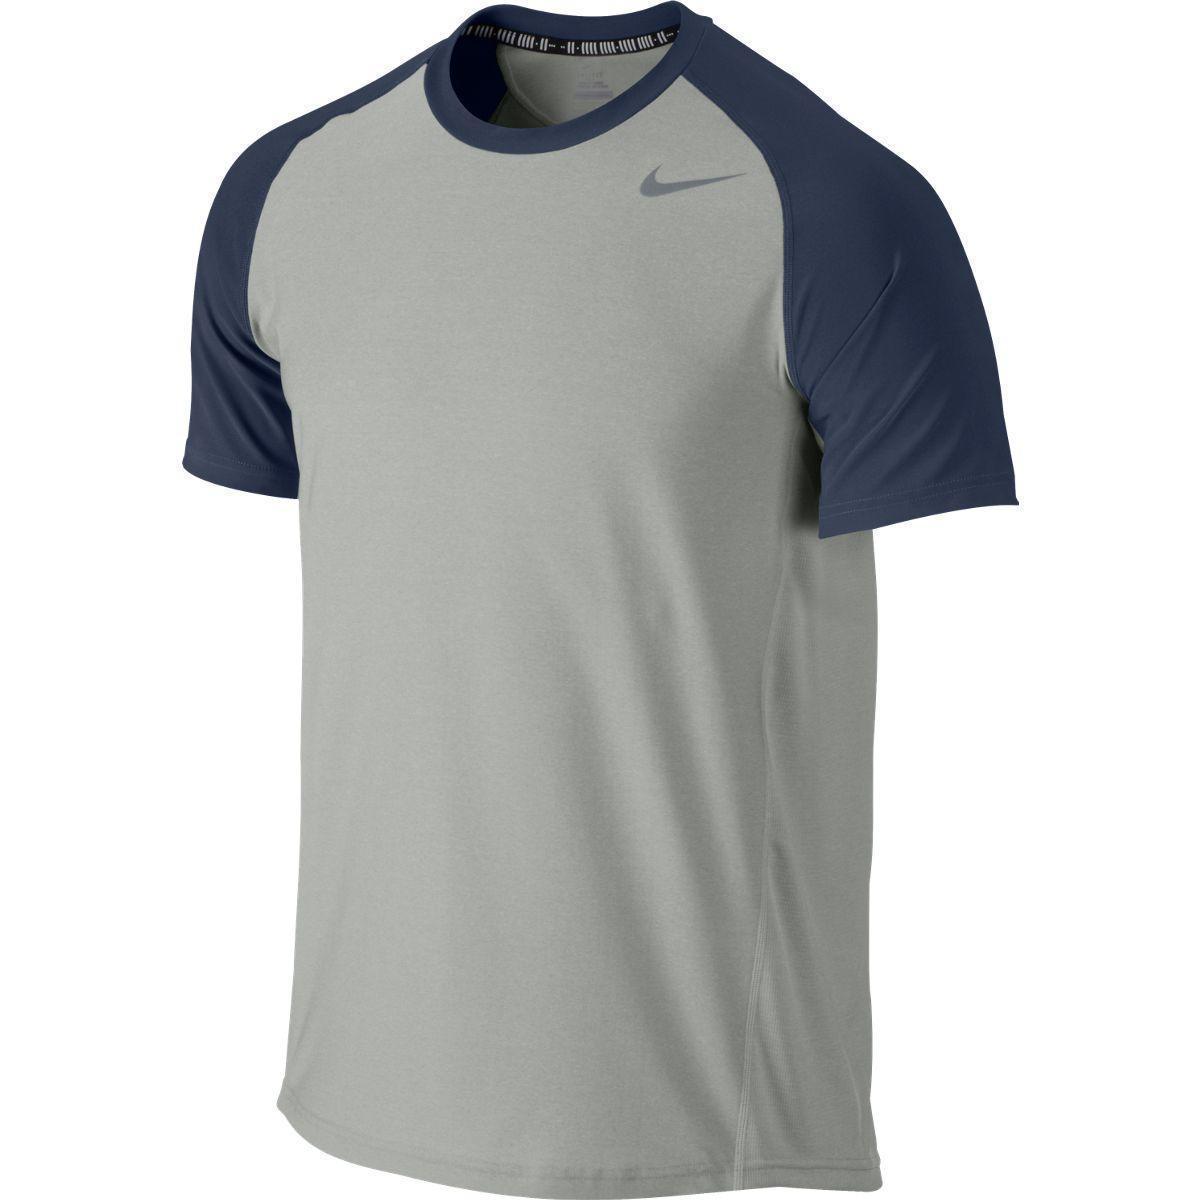 Mens Factor Nike Uv Crew Greynight Advantage dPw7wR